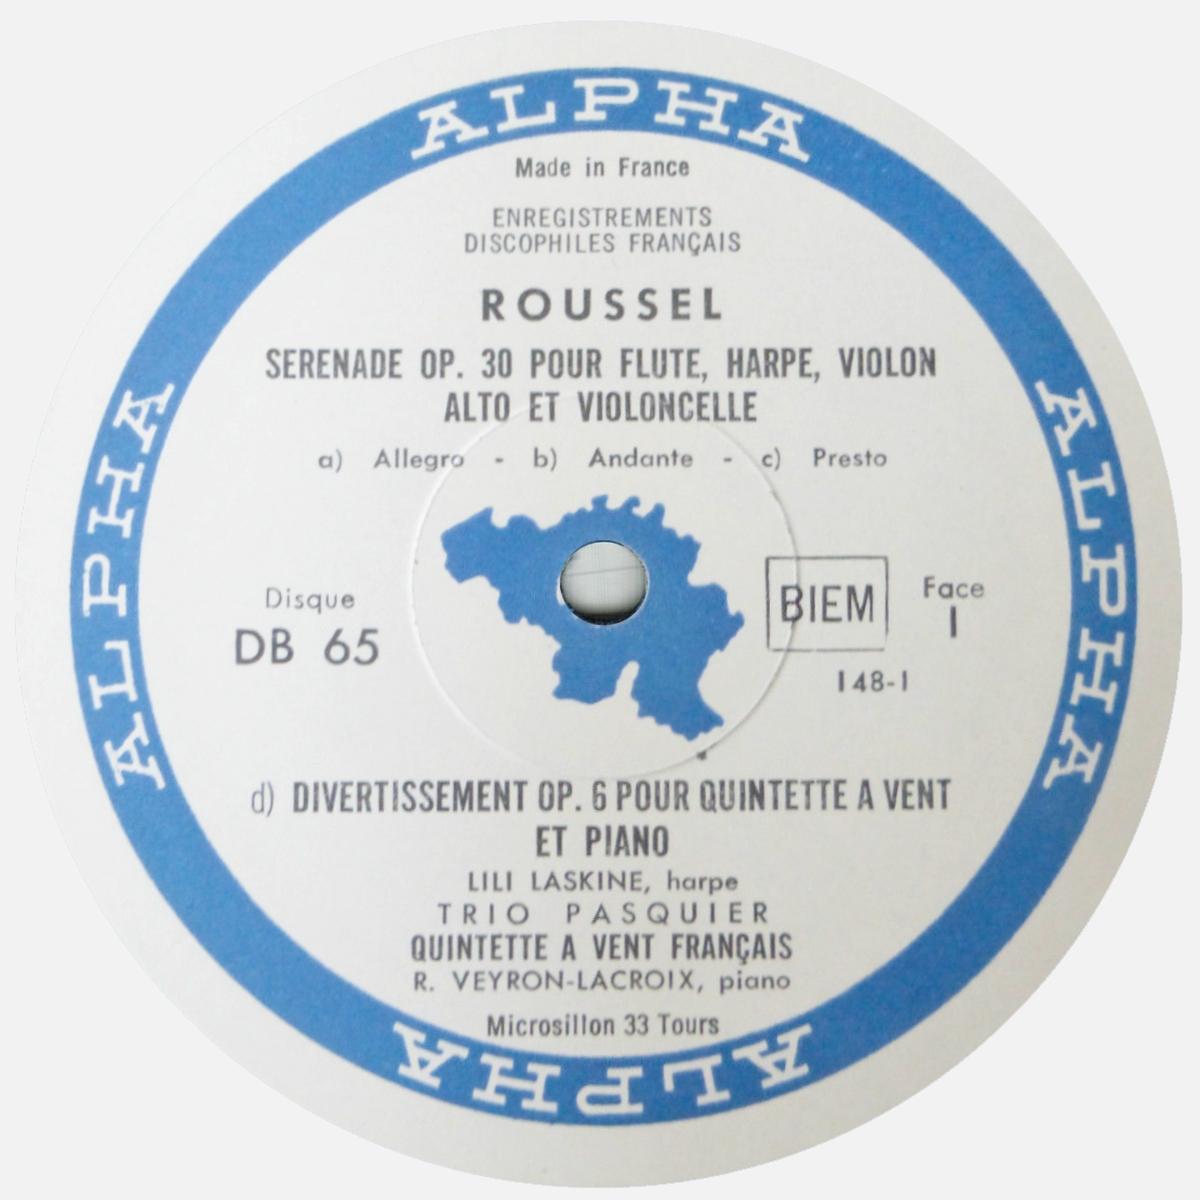 Étiquette du disque DB 65, cliquer pour une vue agrandie